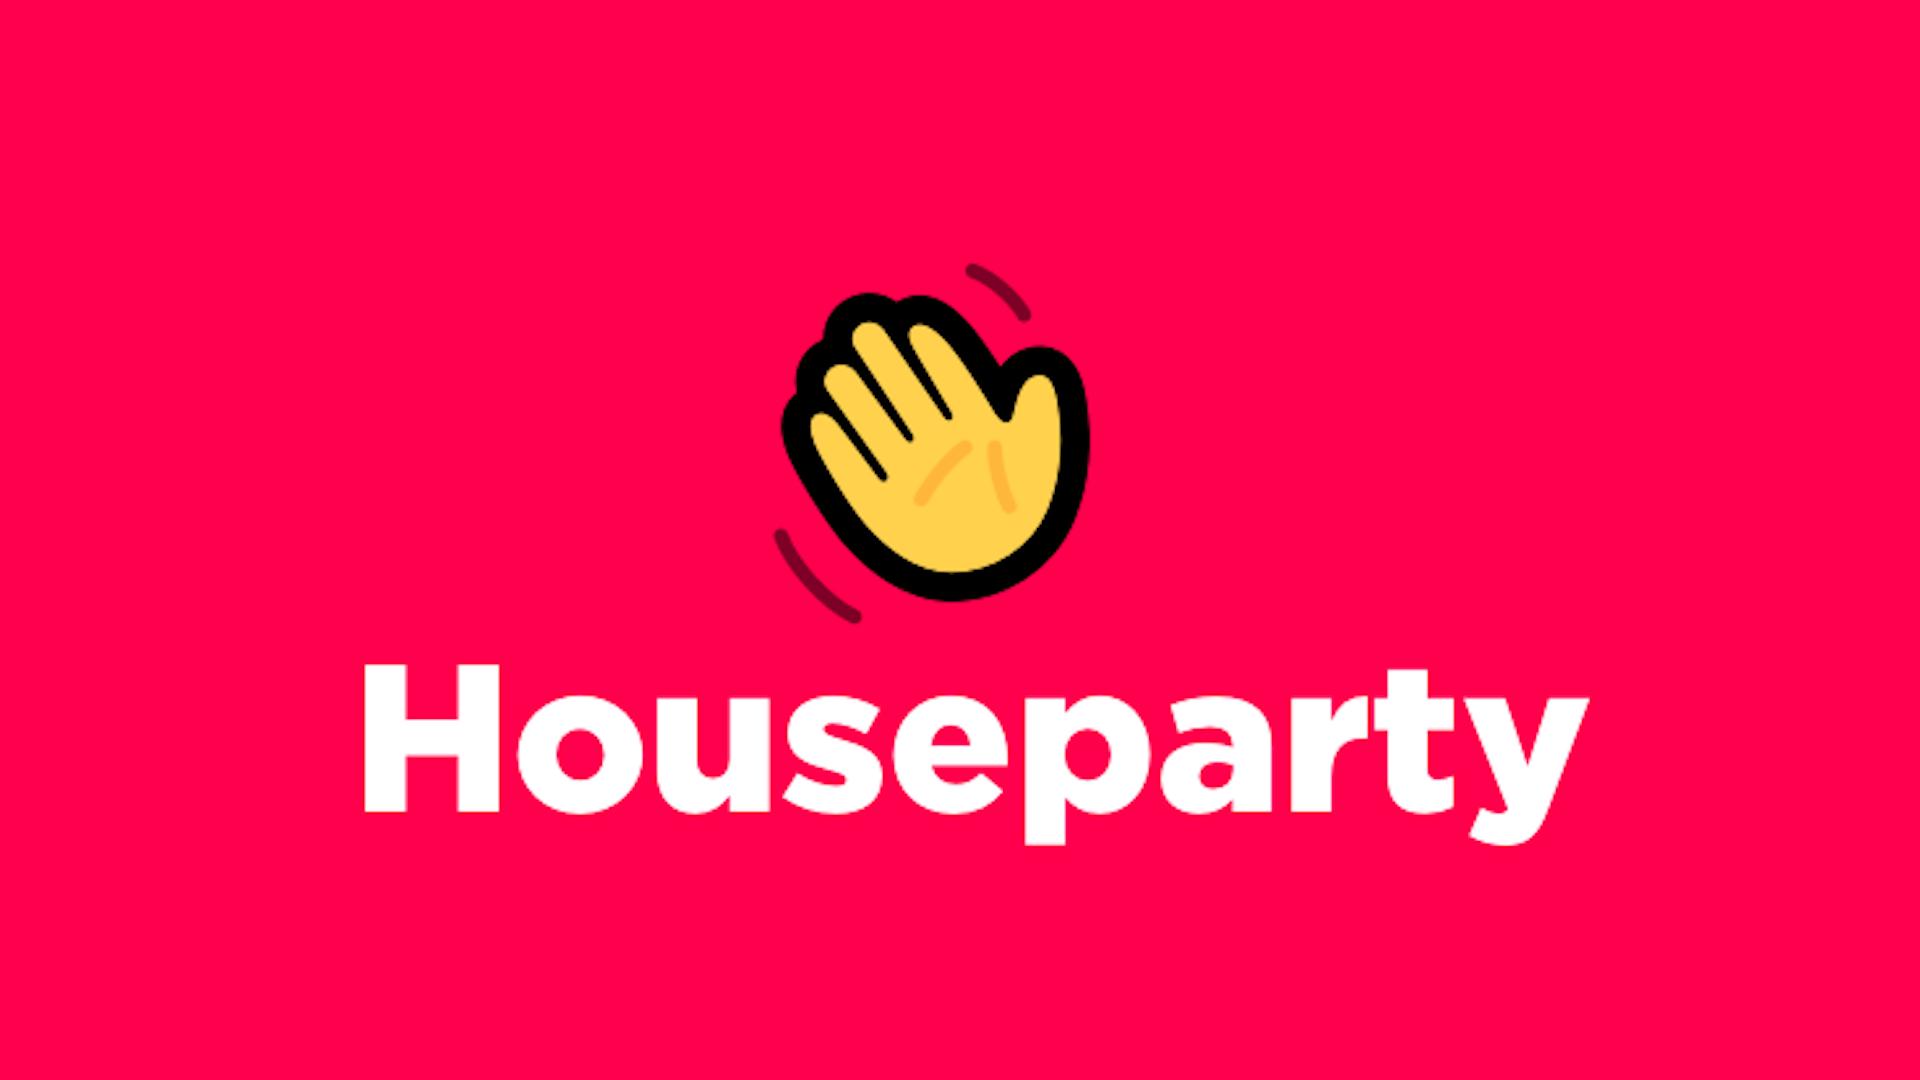 Houseparty offre 1 million de dollars à qui prouvera que l'app est victime d'une campagne de dénigrement